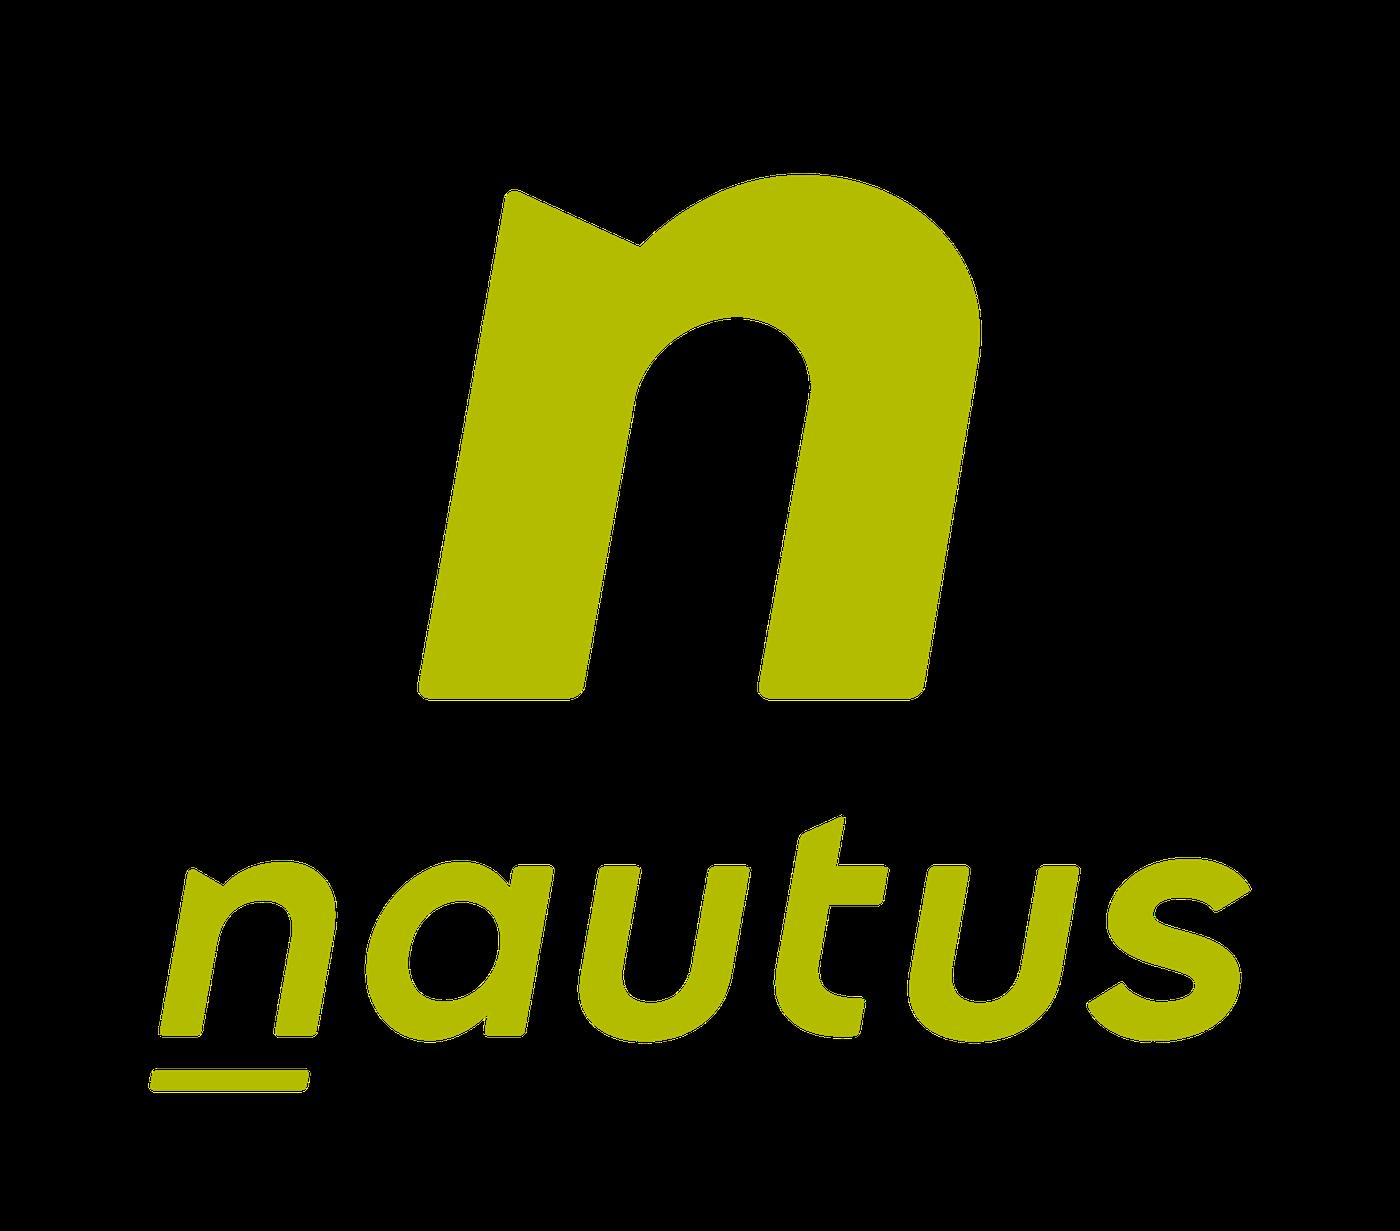 nautus_logo_01_rgb2400_colour.png